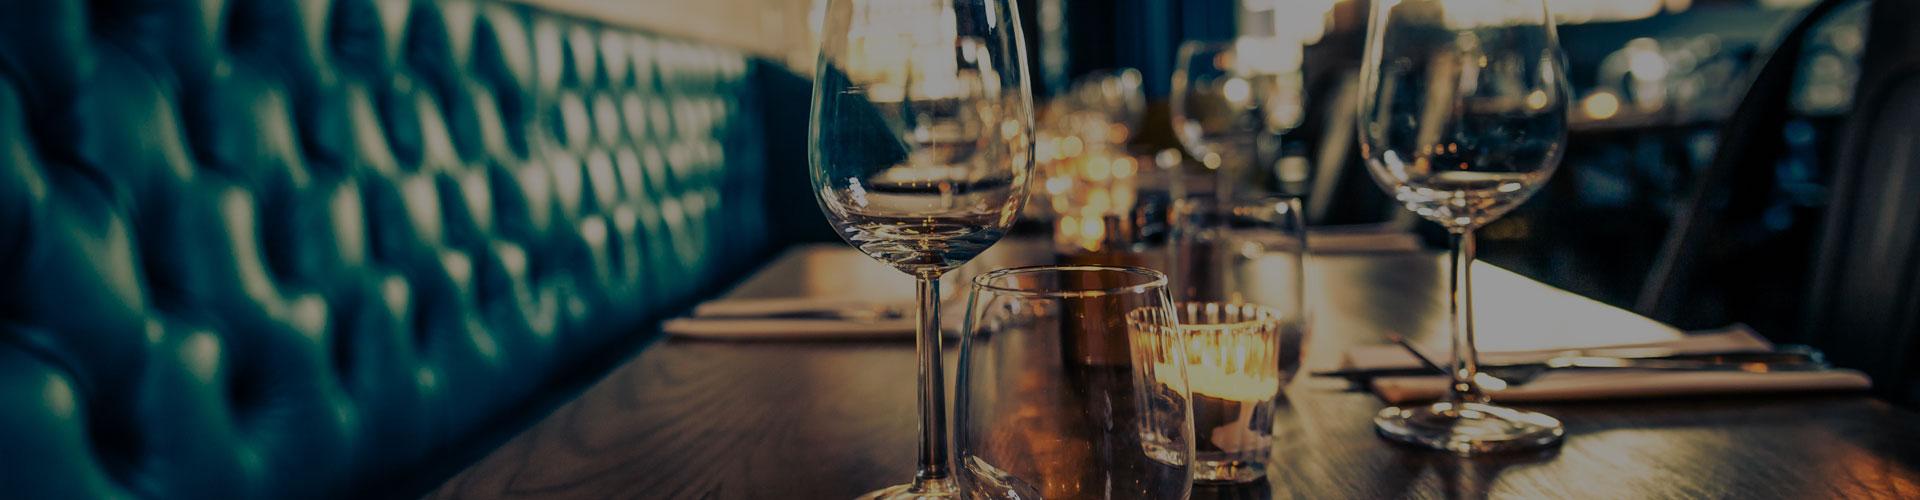 slider-ristoranti-1